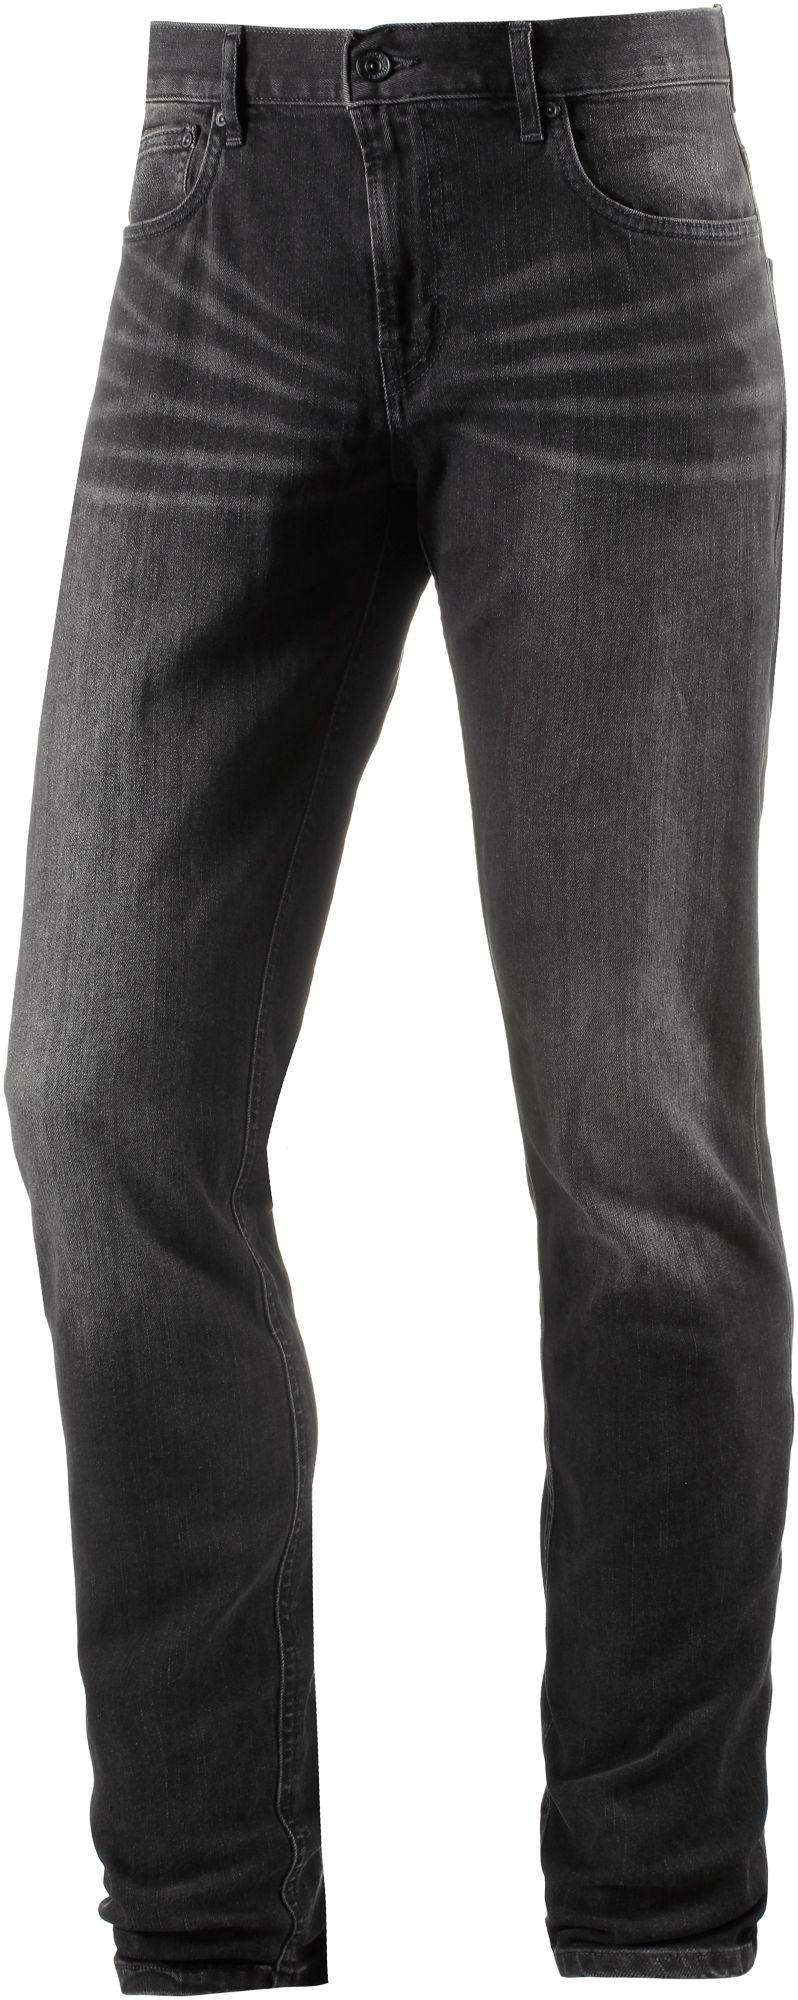 Alessandro Straight Fit Jeans Herren mehrfarbig, Größe 34 / 34